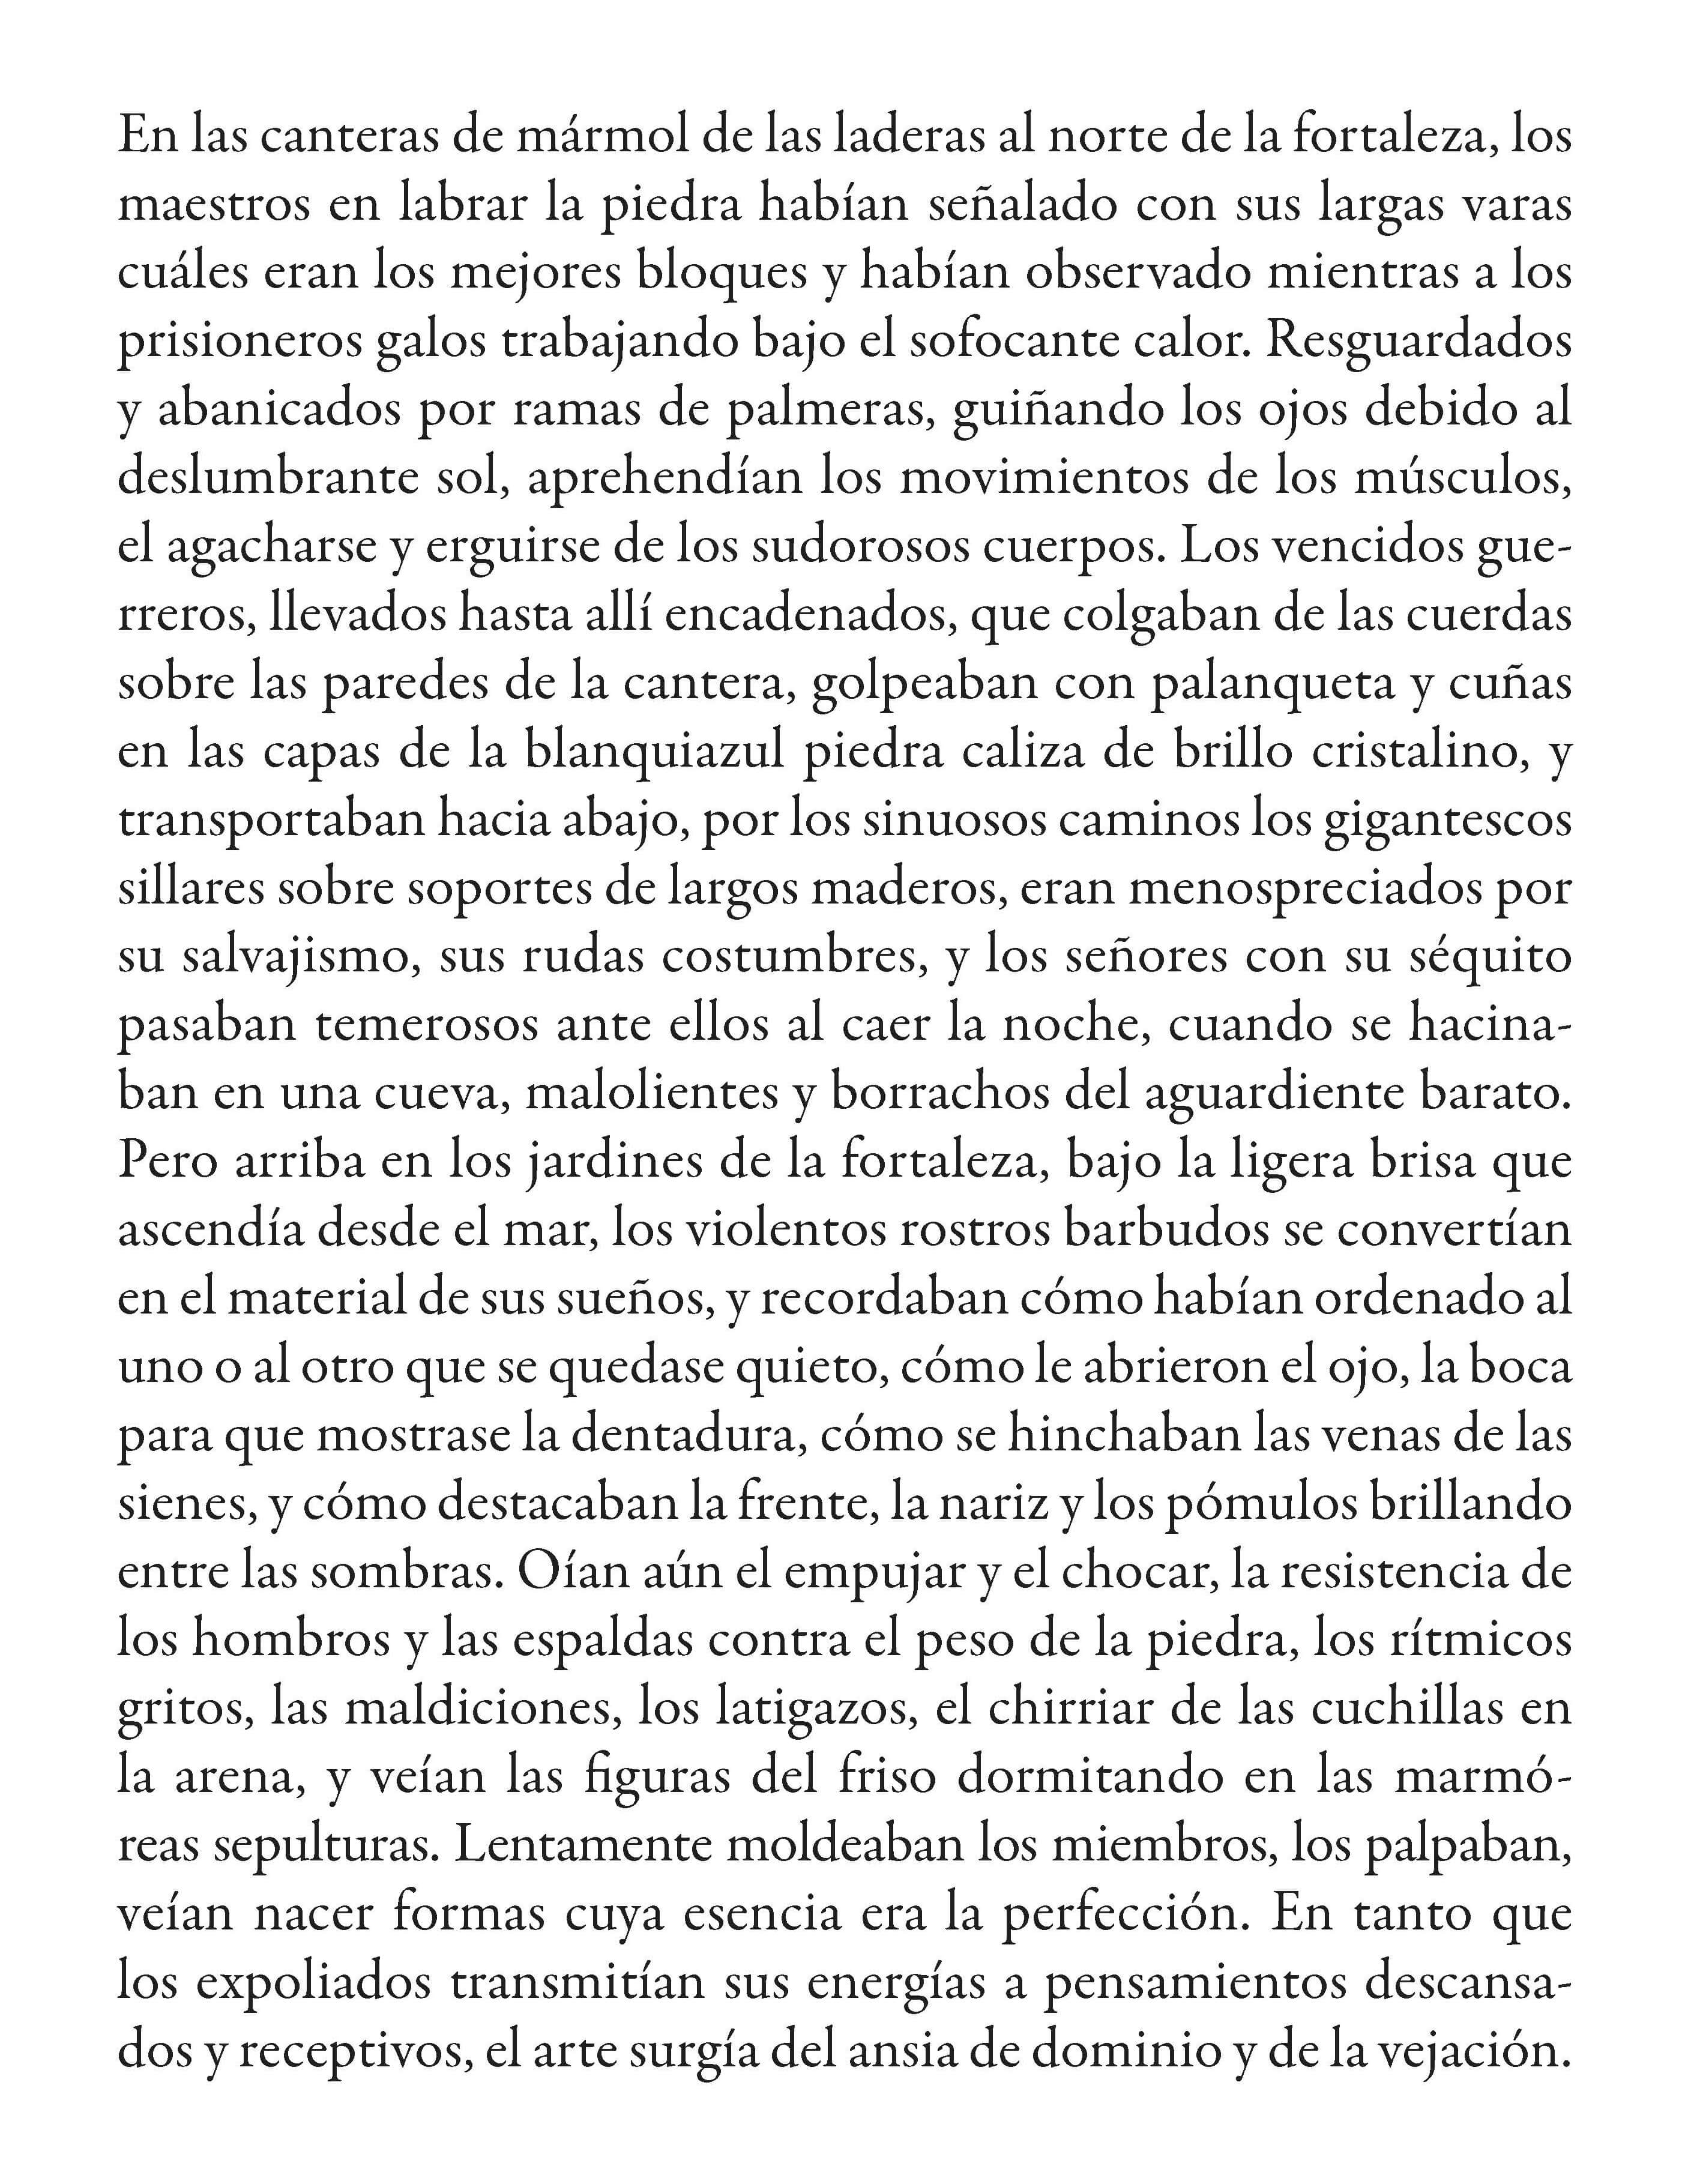 XAVIER RIBAS. Afterlife #6 [Gigante, Altar de Zeus en Pérgamo], 2020. (Detalle / Detail) | El Museu Imaginari / El Museo Imaginario / The Imaginary Museum | ProjecteSD